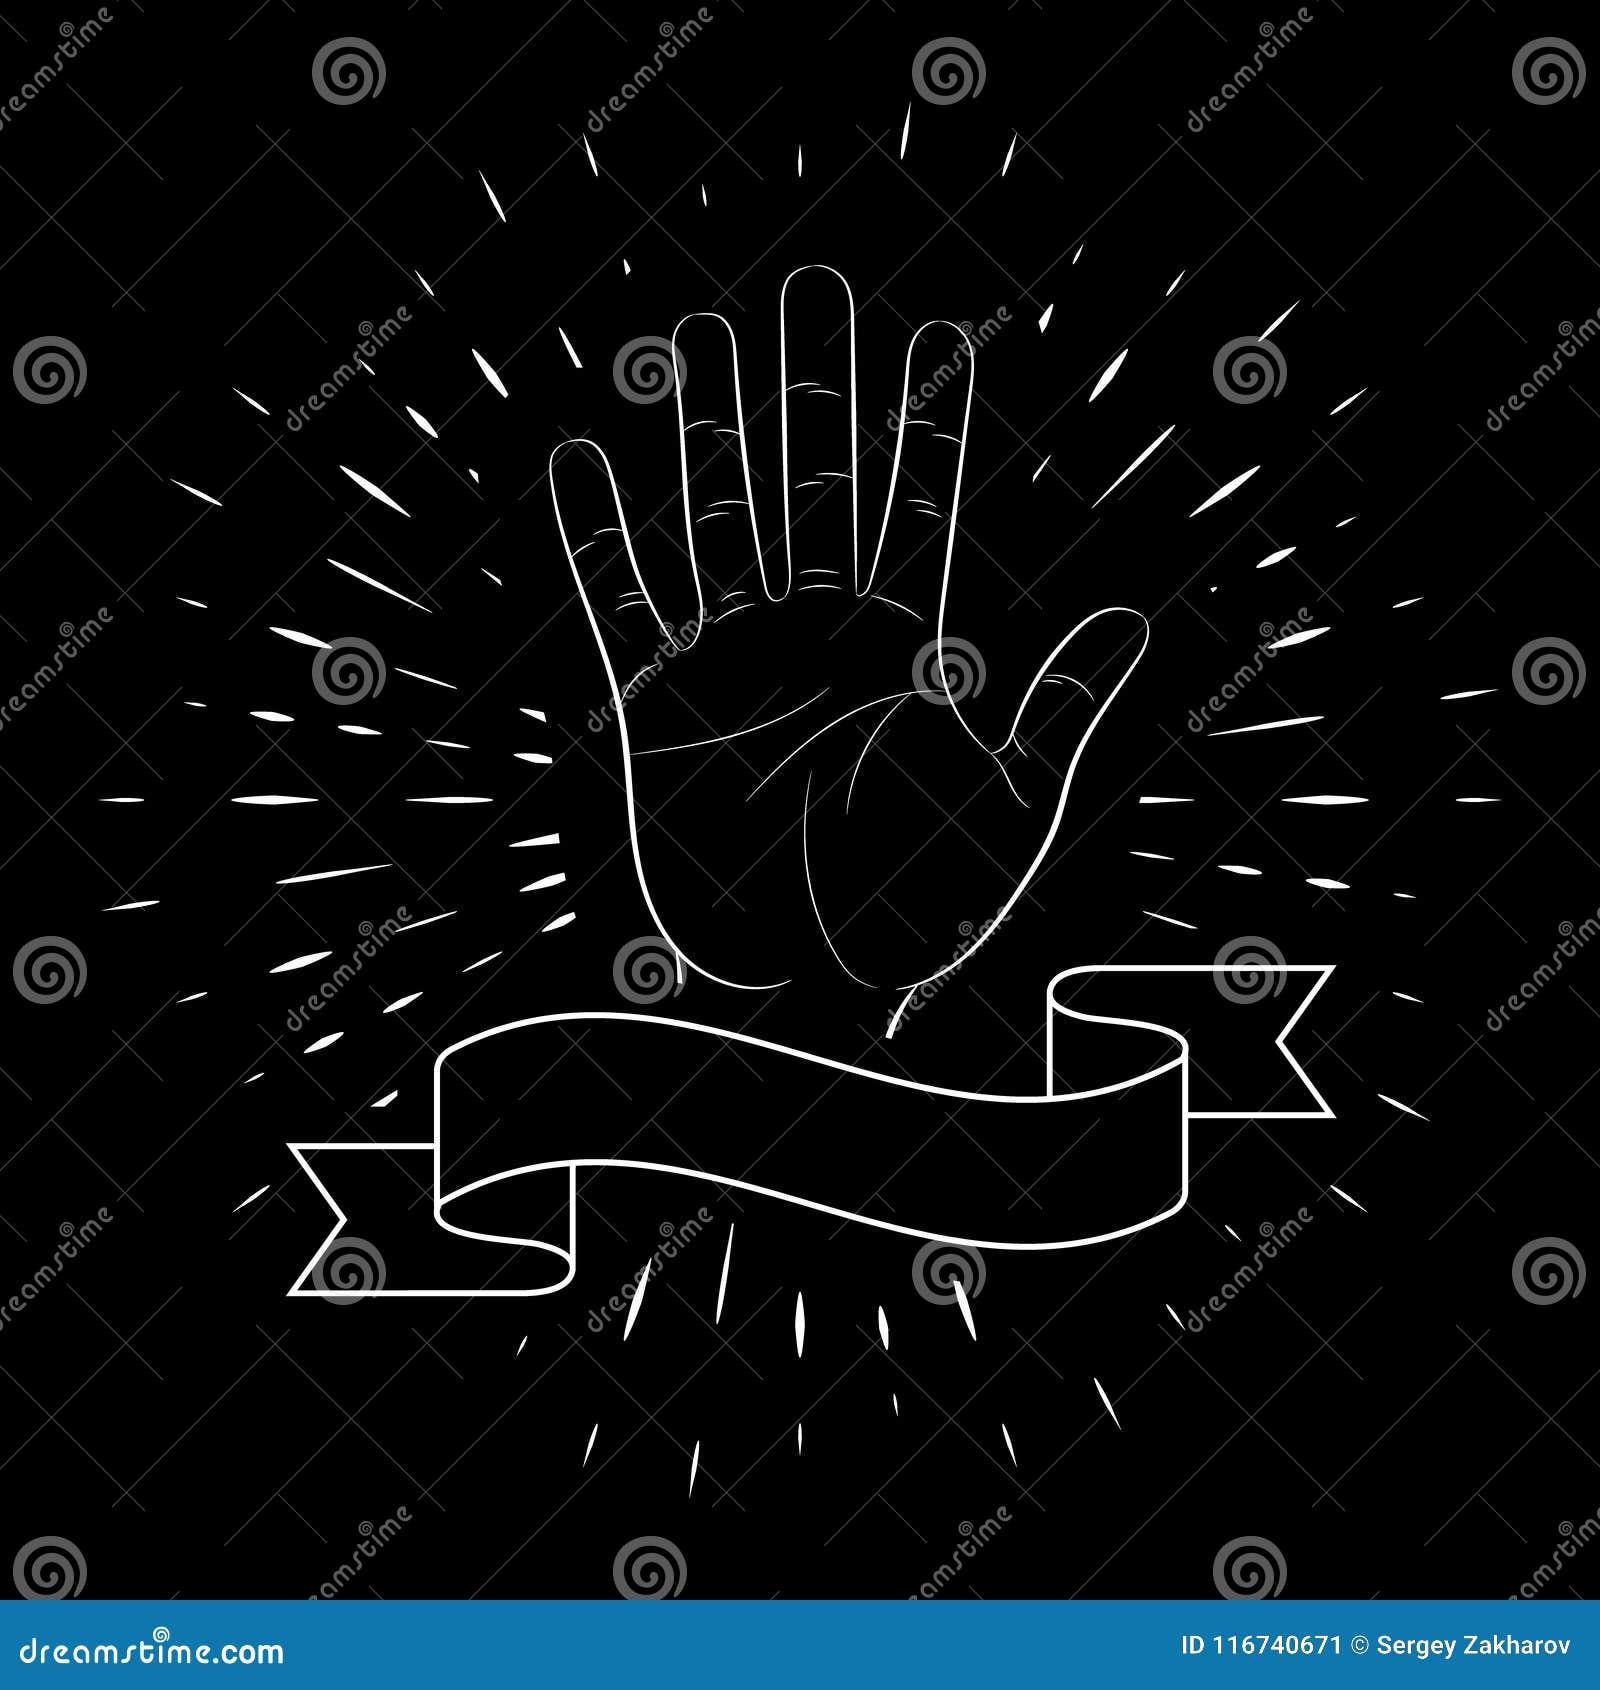 Handgebaar, open palm, groet, vijf vingers, contour, tegen de achtergrond van lineaire stralen Voor het ontwerp van affiches